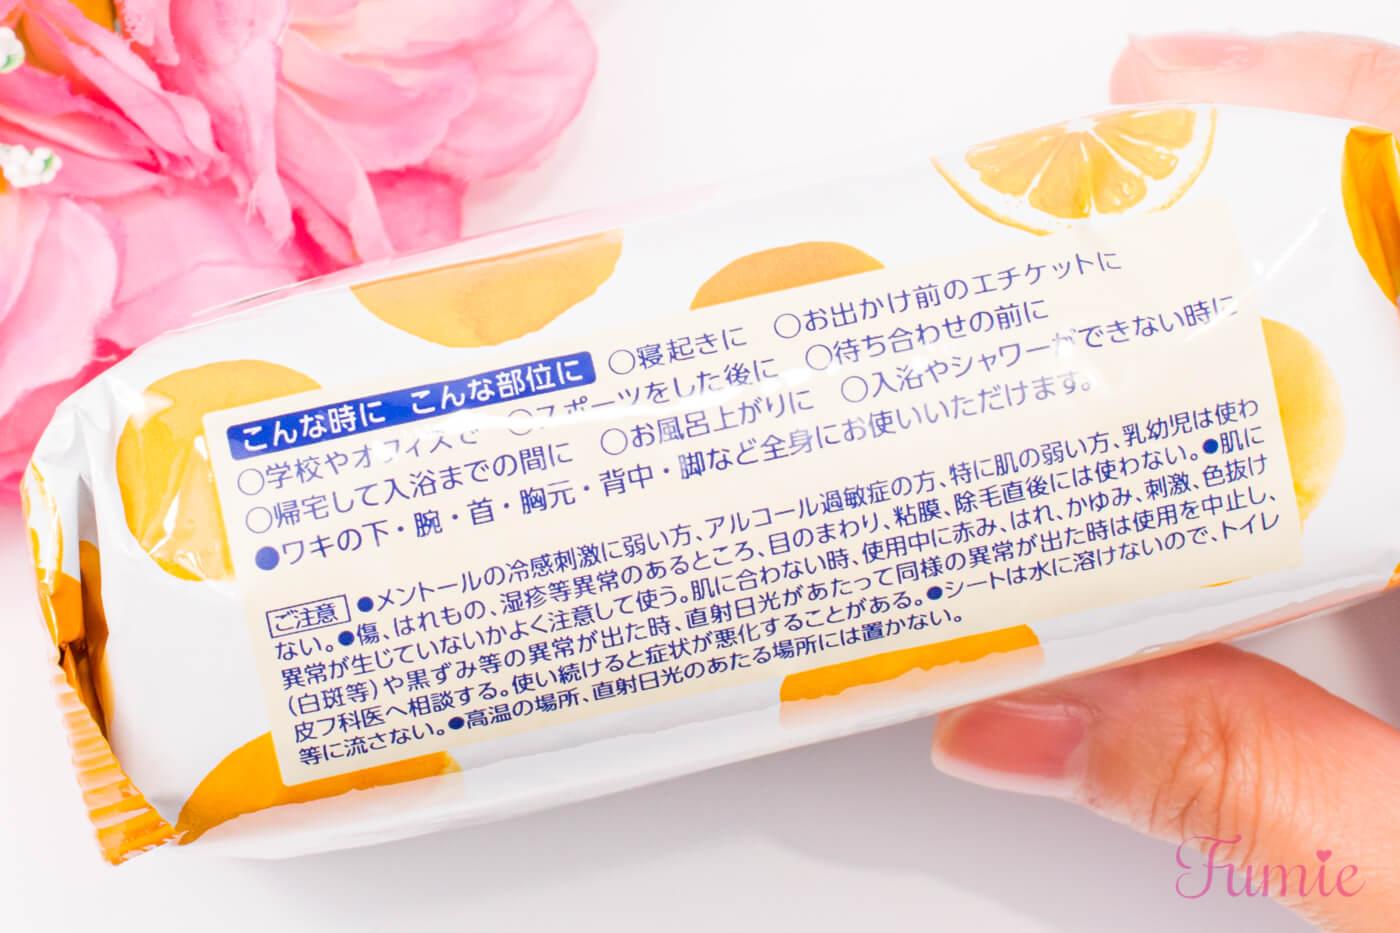 ビオレ さらさらパウダーシート はじけるオレンジスカッシュの香り 本体側面